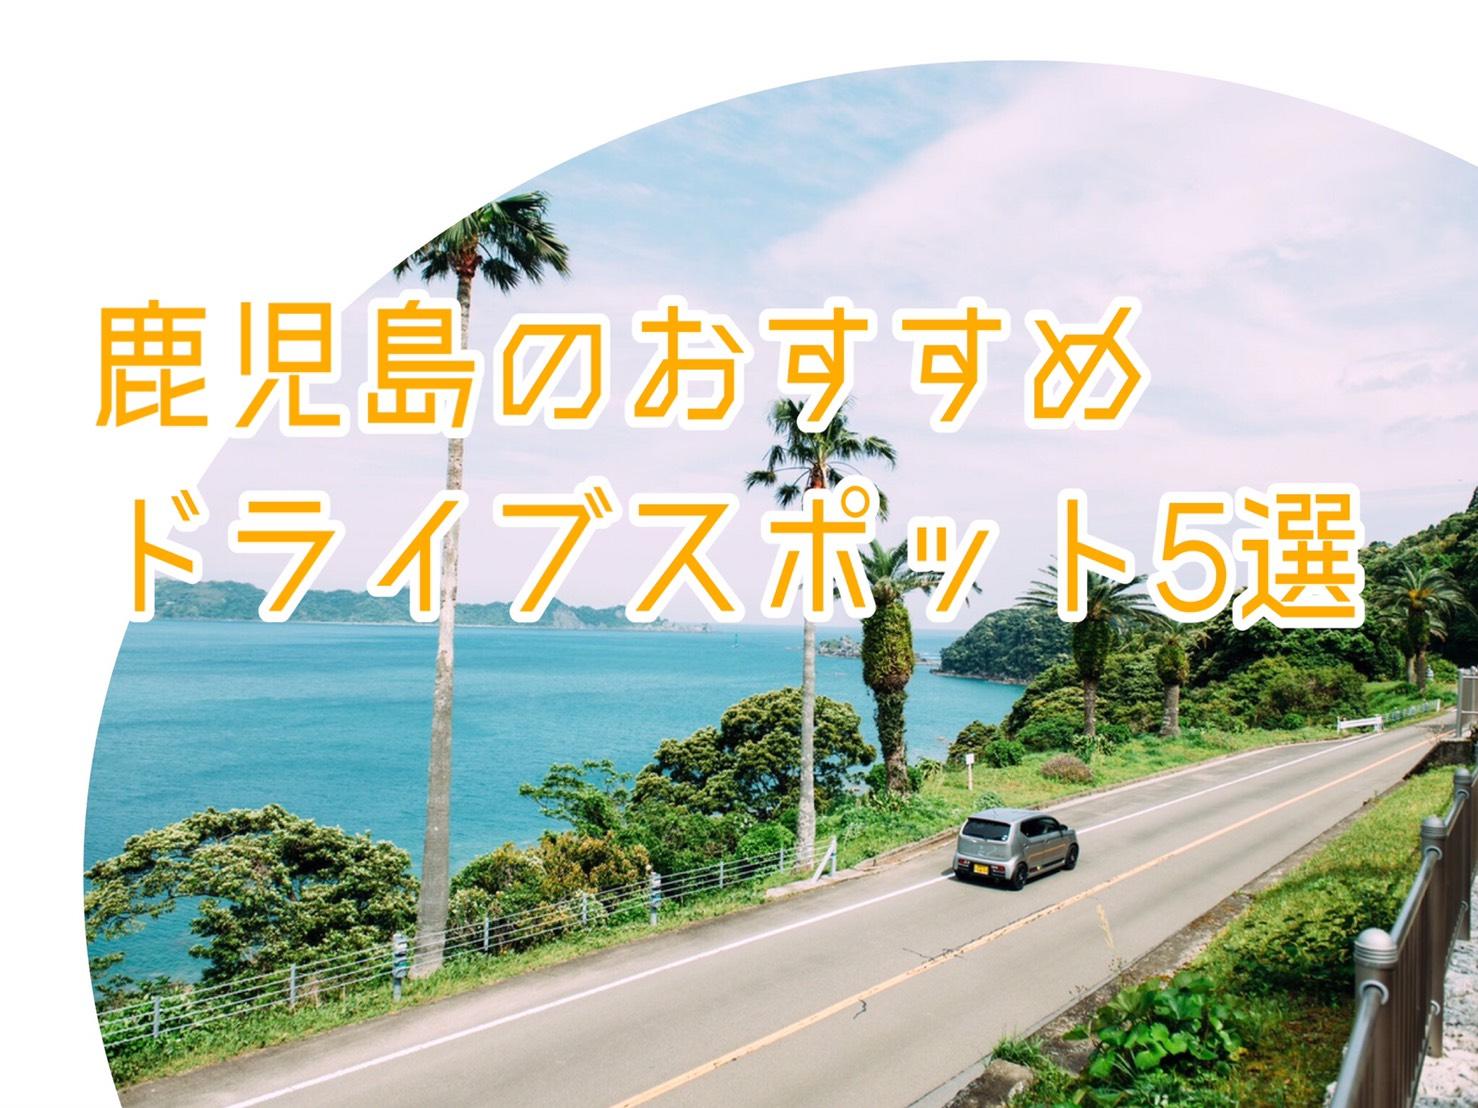 【鹿児島ドライブ】鹿児島大学生におすすめ夏のドライブスポット5選!!